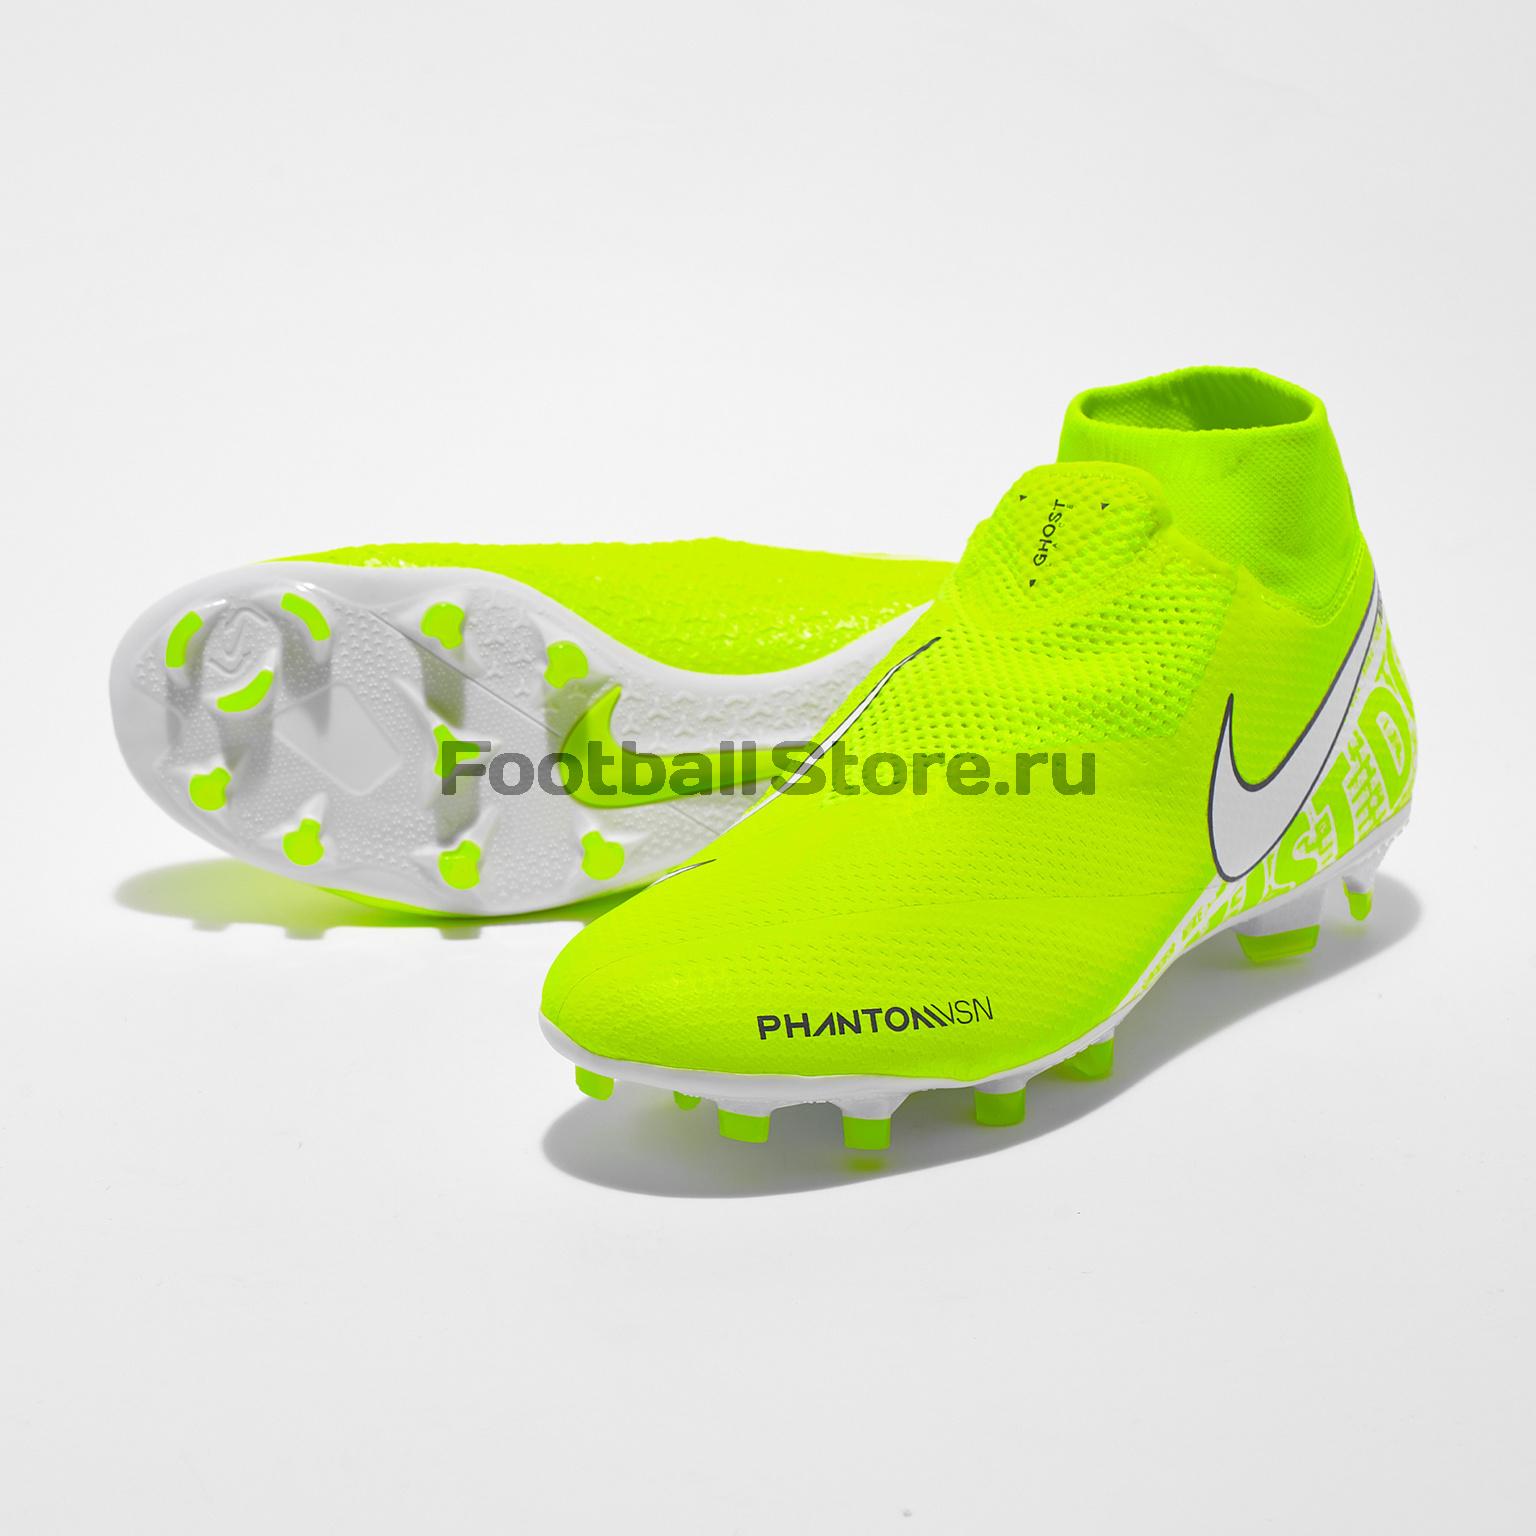 Бутсы Nike Phantom Vision Pro DF FG AO3266-717